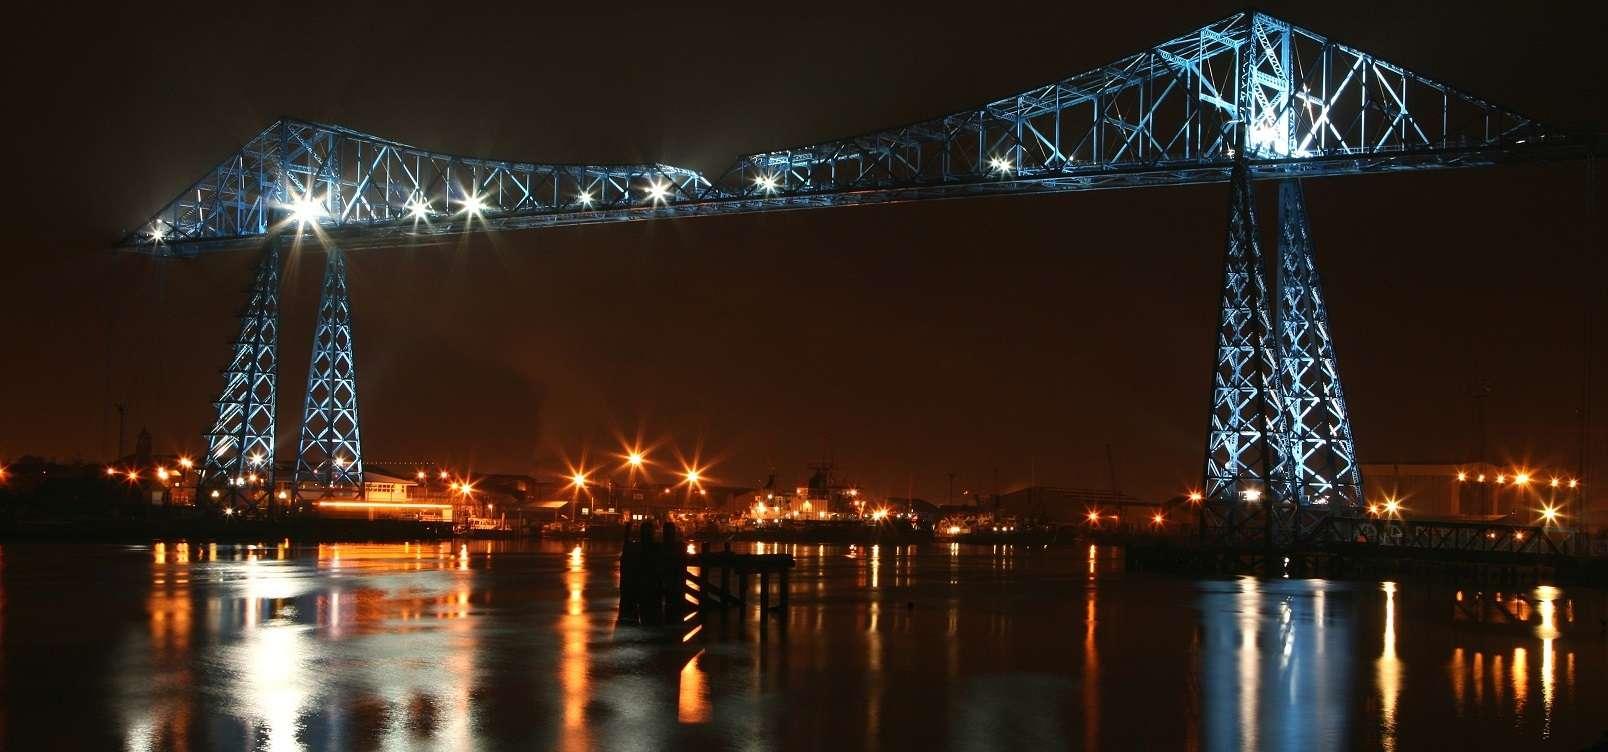 Teesside Transporter Bridge